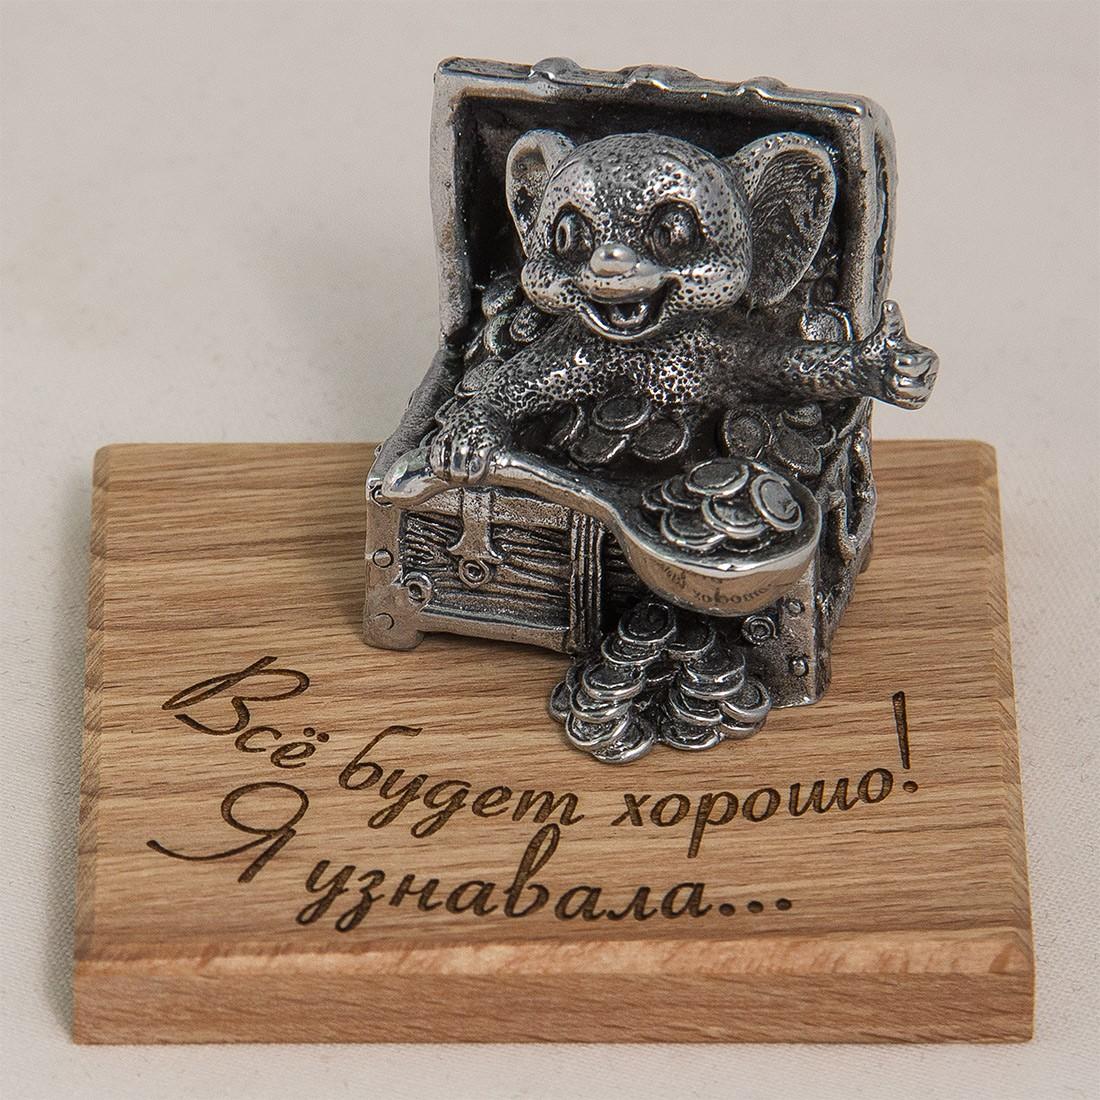 Открытка «Всё будет хорошо! Я узнавала…» с фигуркой «Мышка в сундуке с монетами»